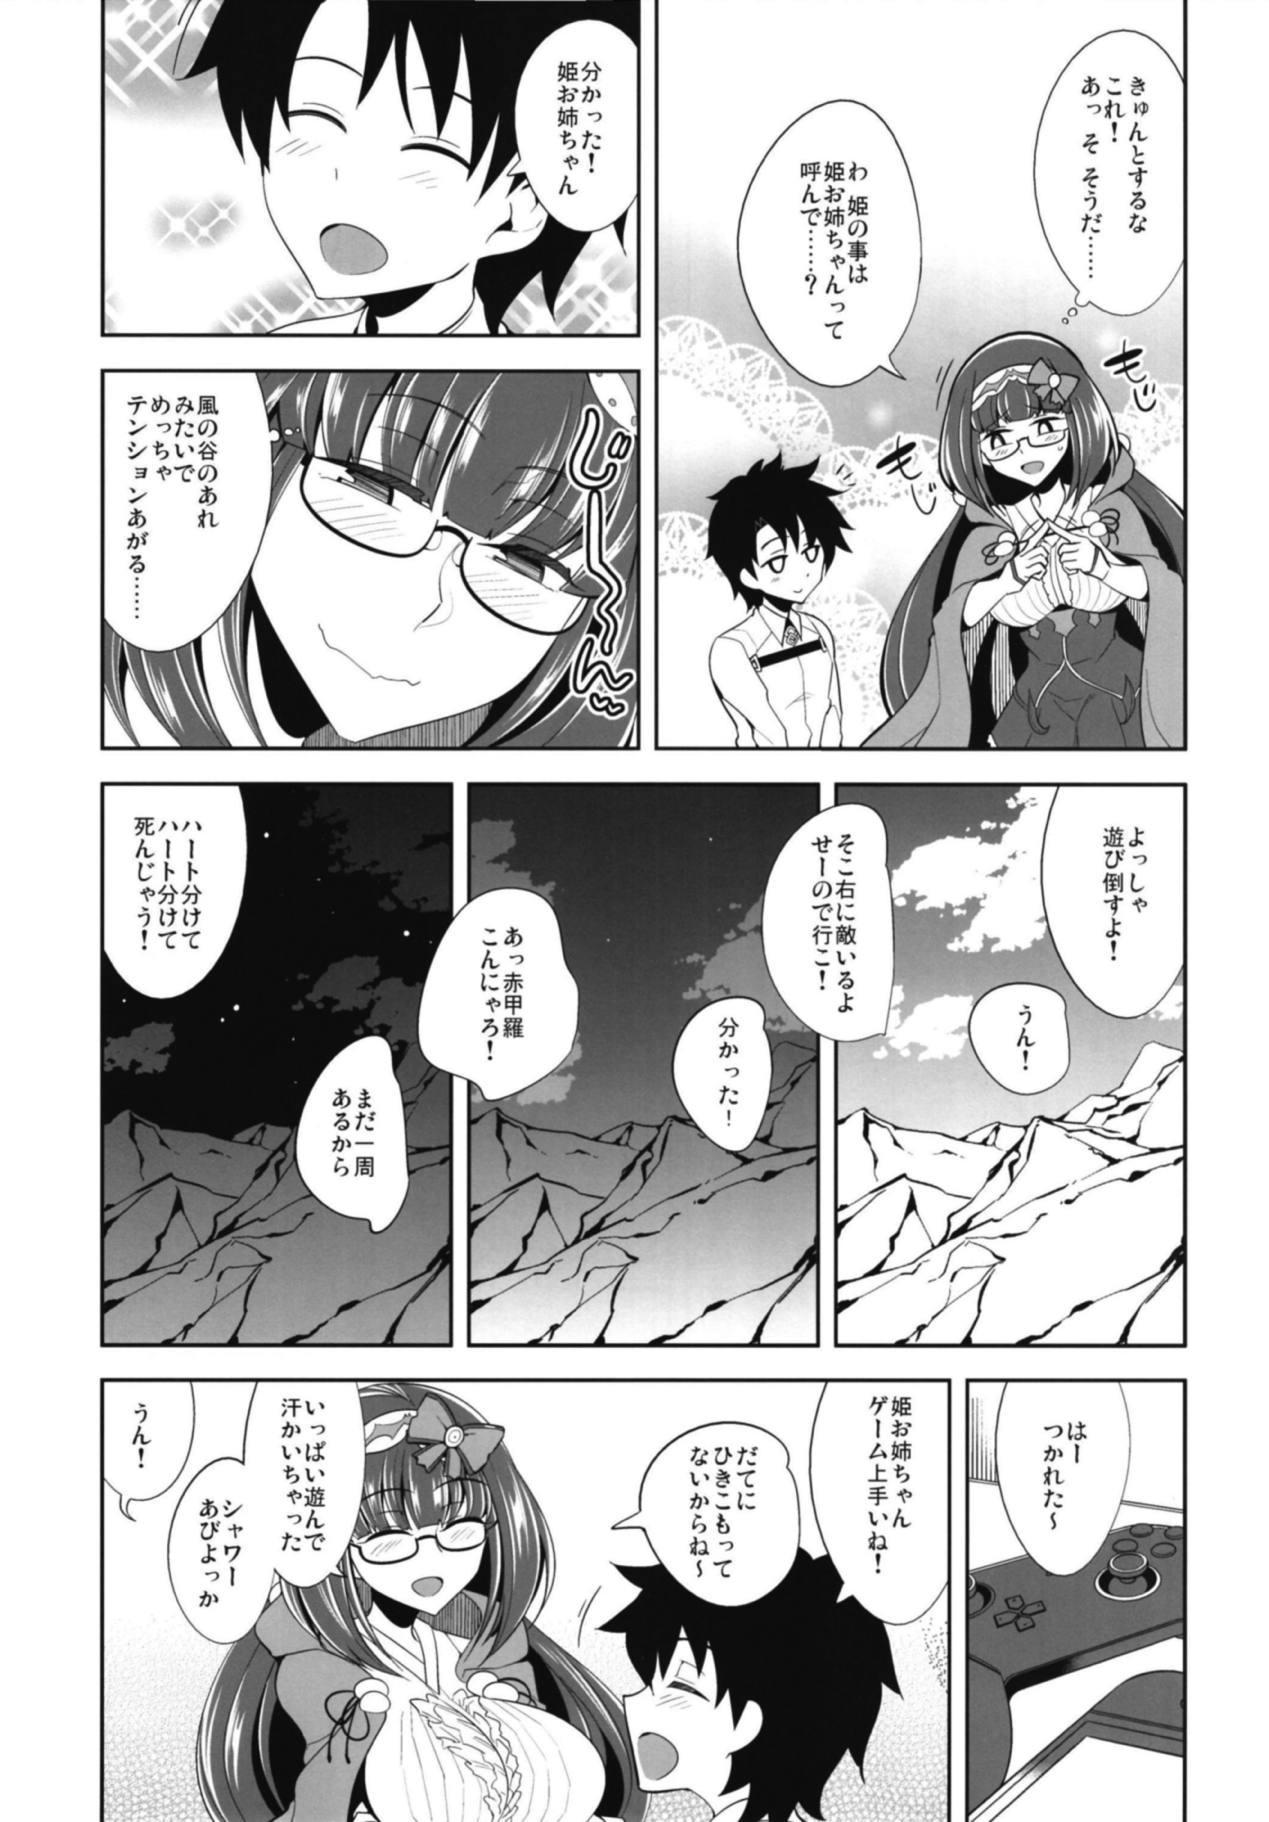 E!? Kono Shota Master-chan no Mendou o Watashi ga? 5